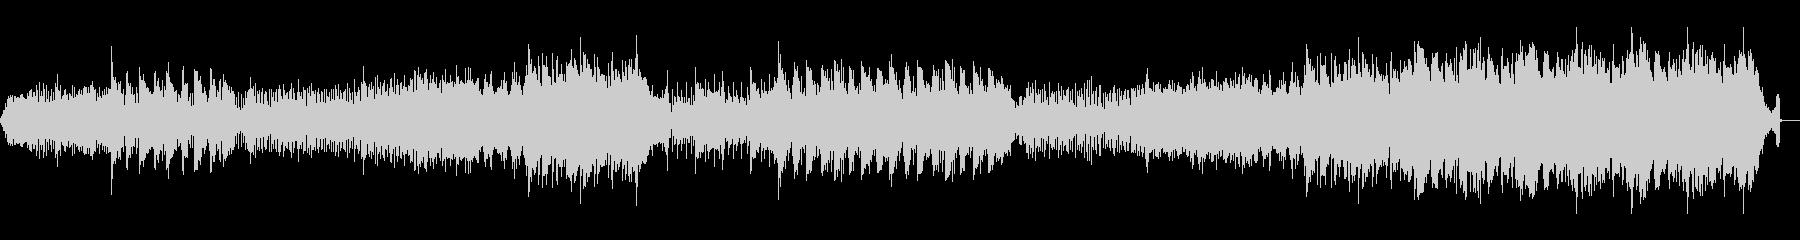 洞窟やダンジョン、ダークなエレクトロニカの未再生の波形